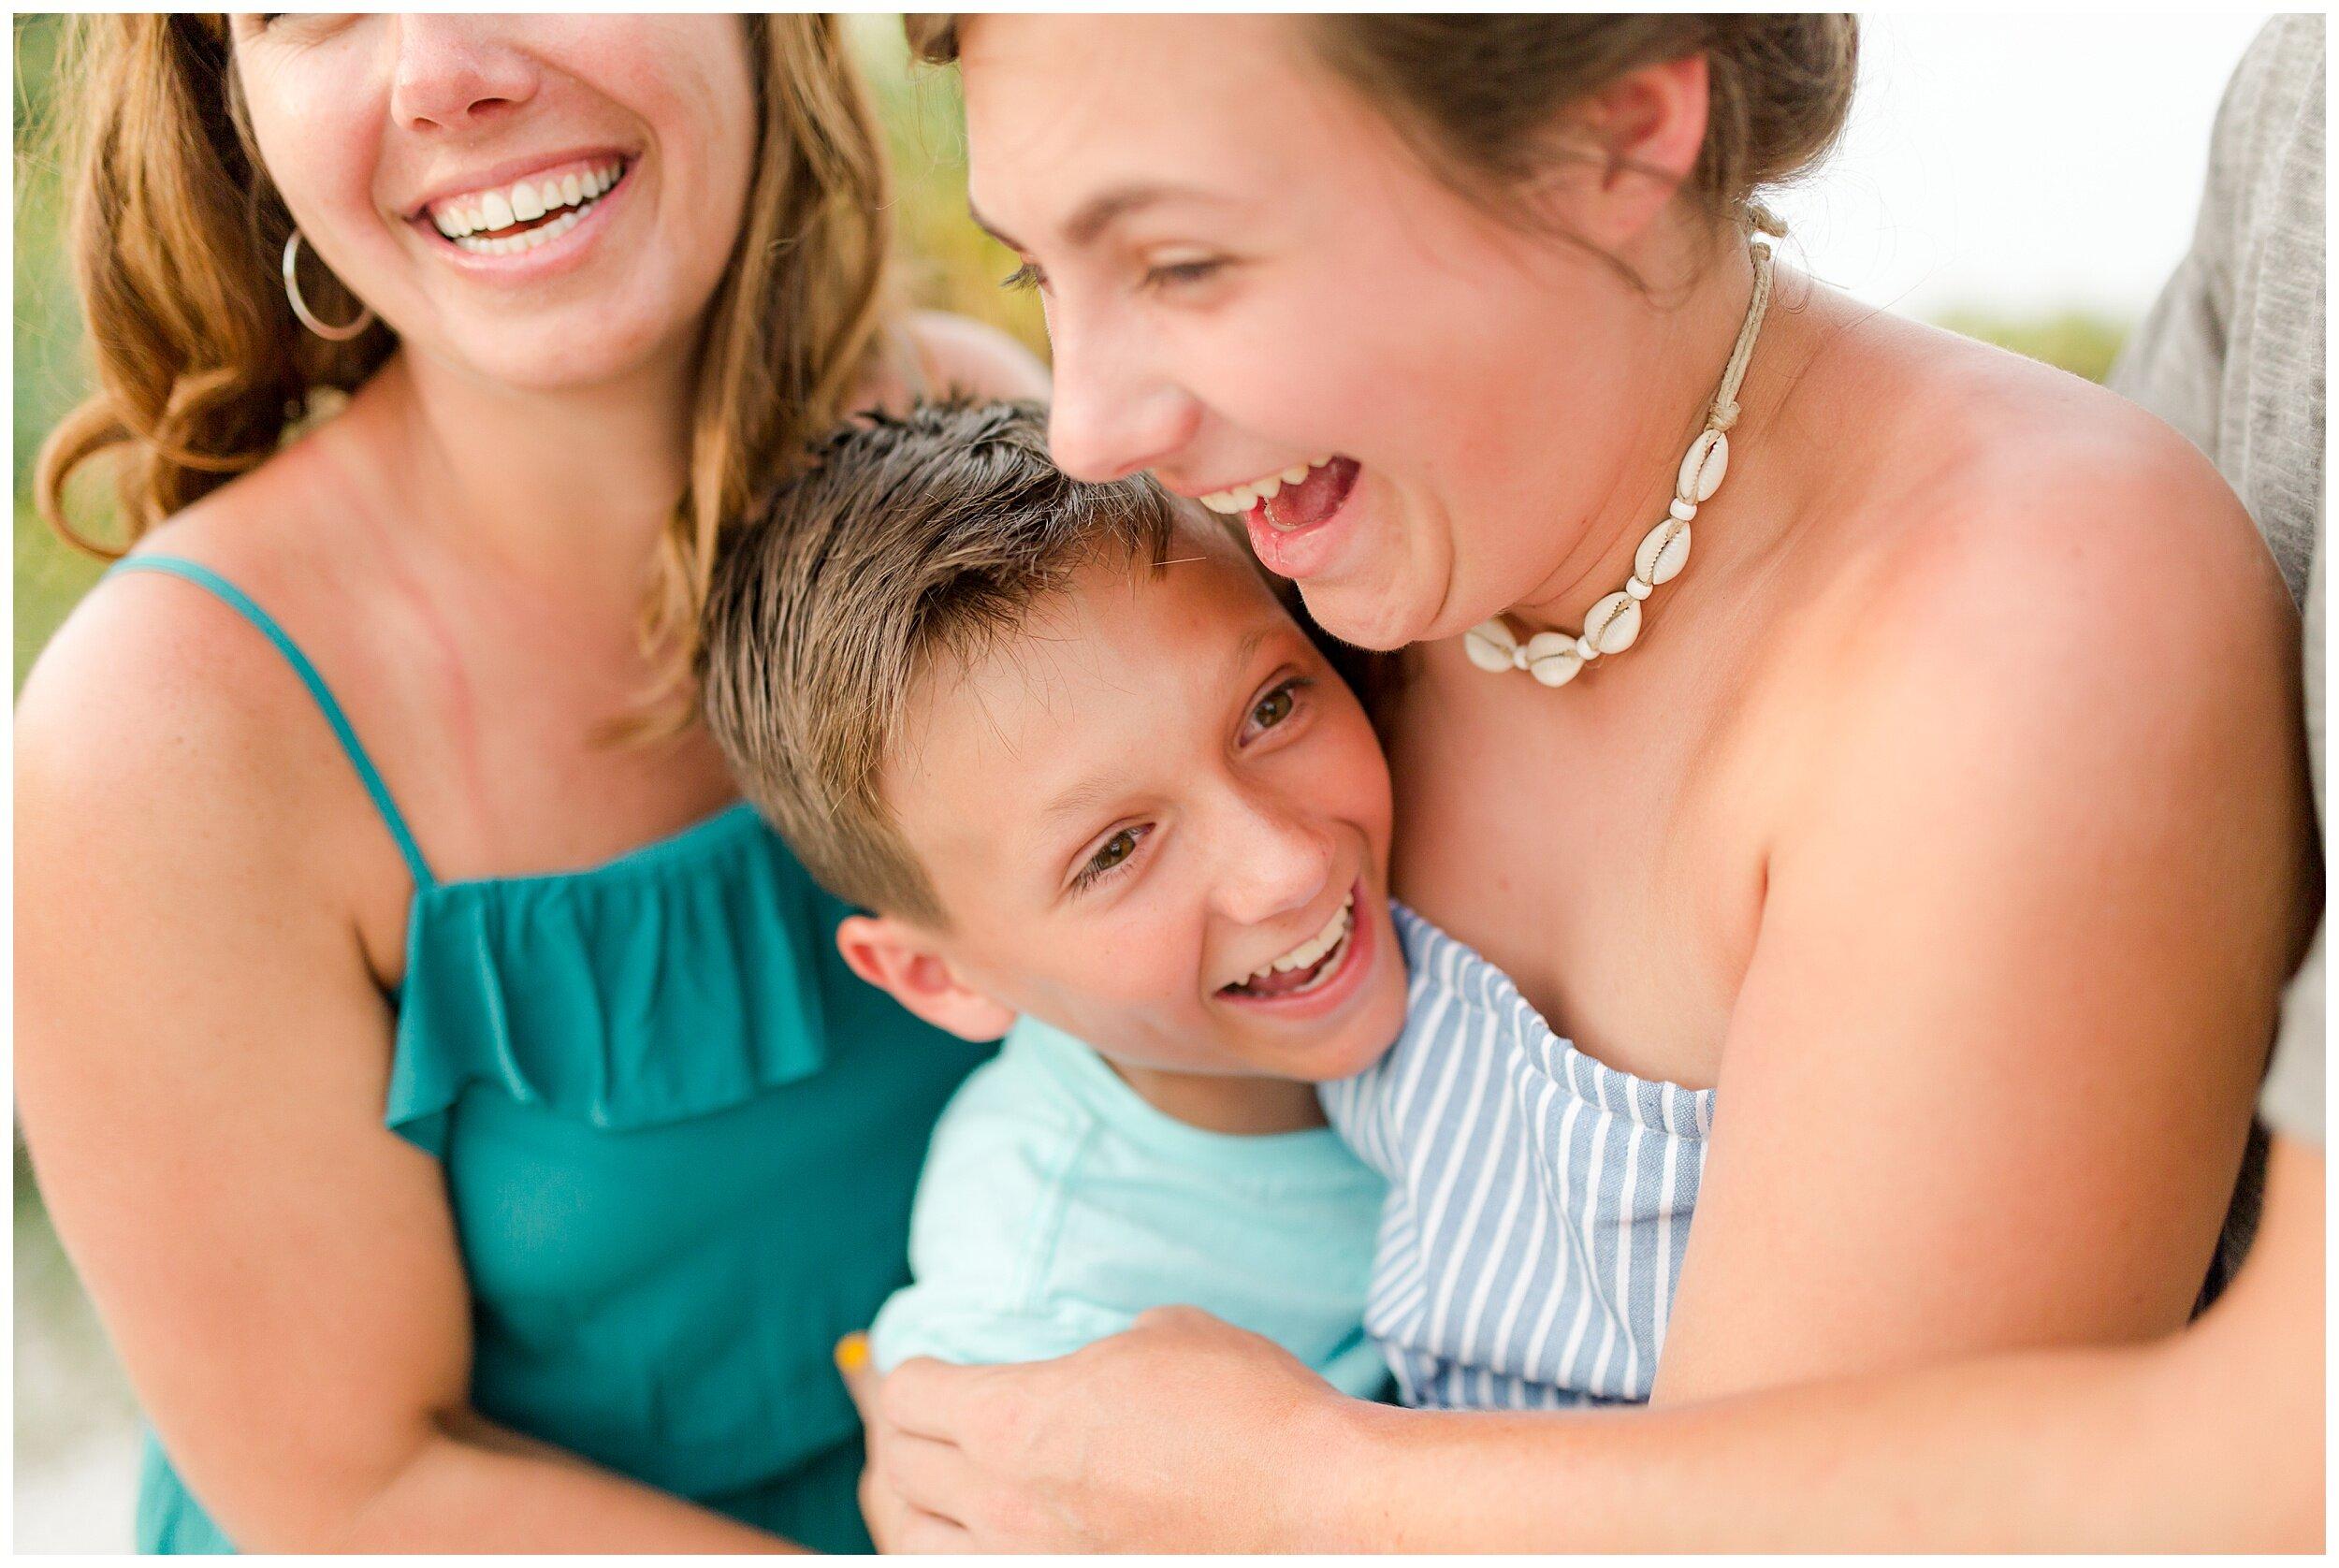 lexington-ky-family-lifestyle-photographer-priscilla-baierlein_1644.jpg